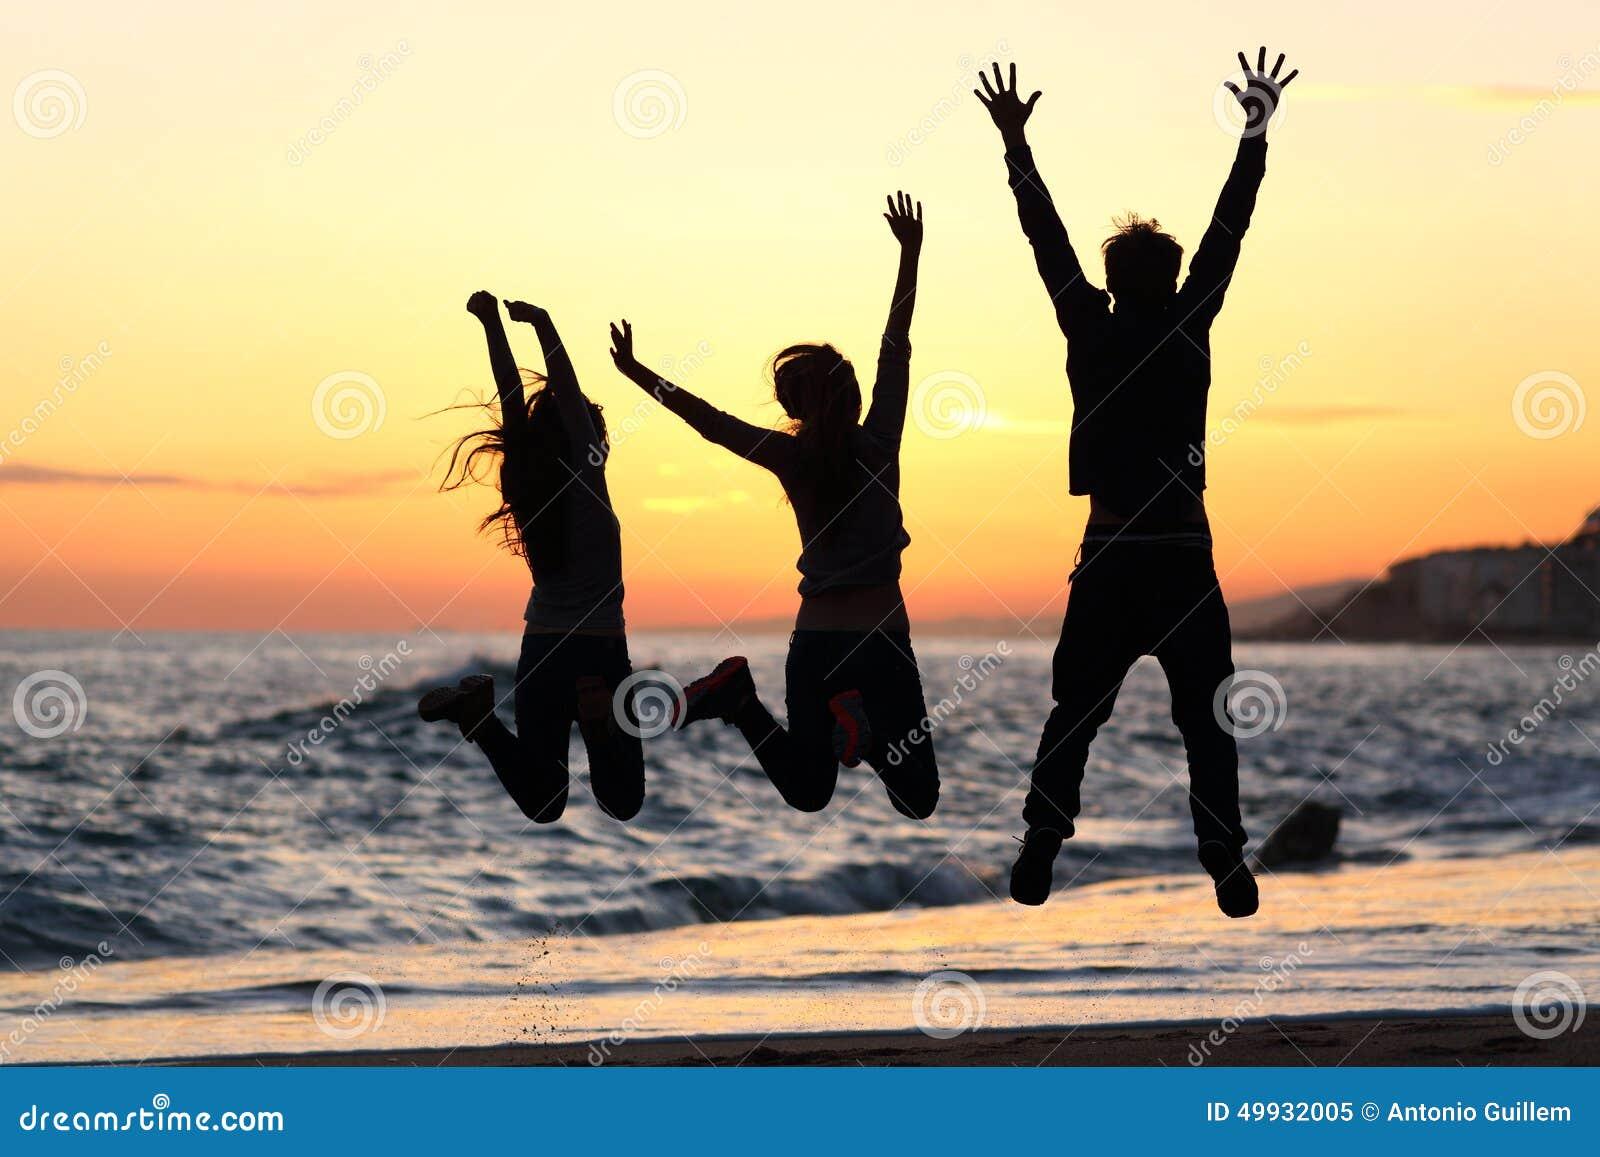 Os amigos mostram em silhueta o salto feliz na praia no por do sol